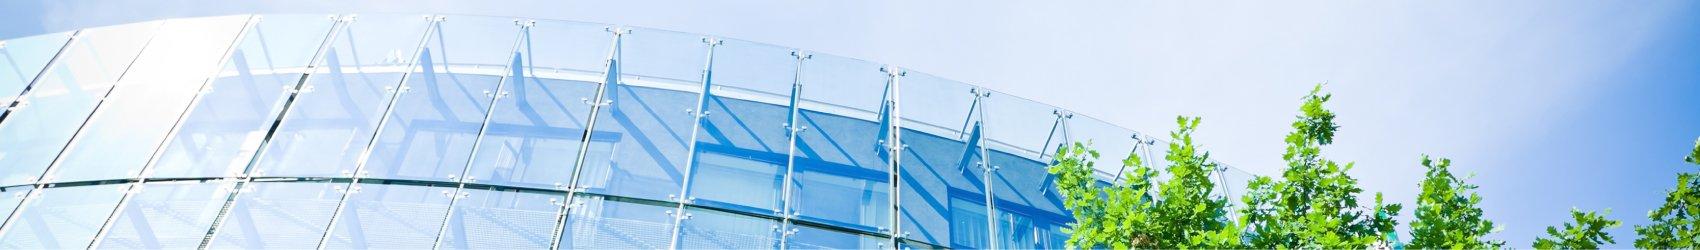 glass_sm1